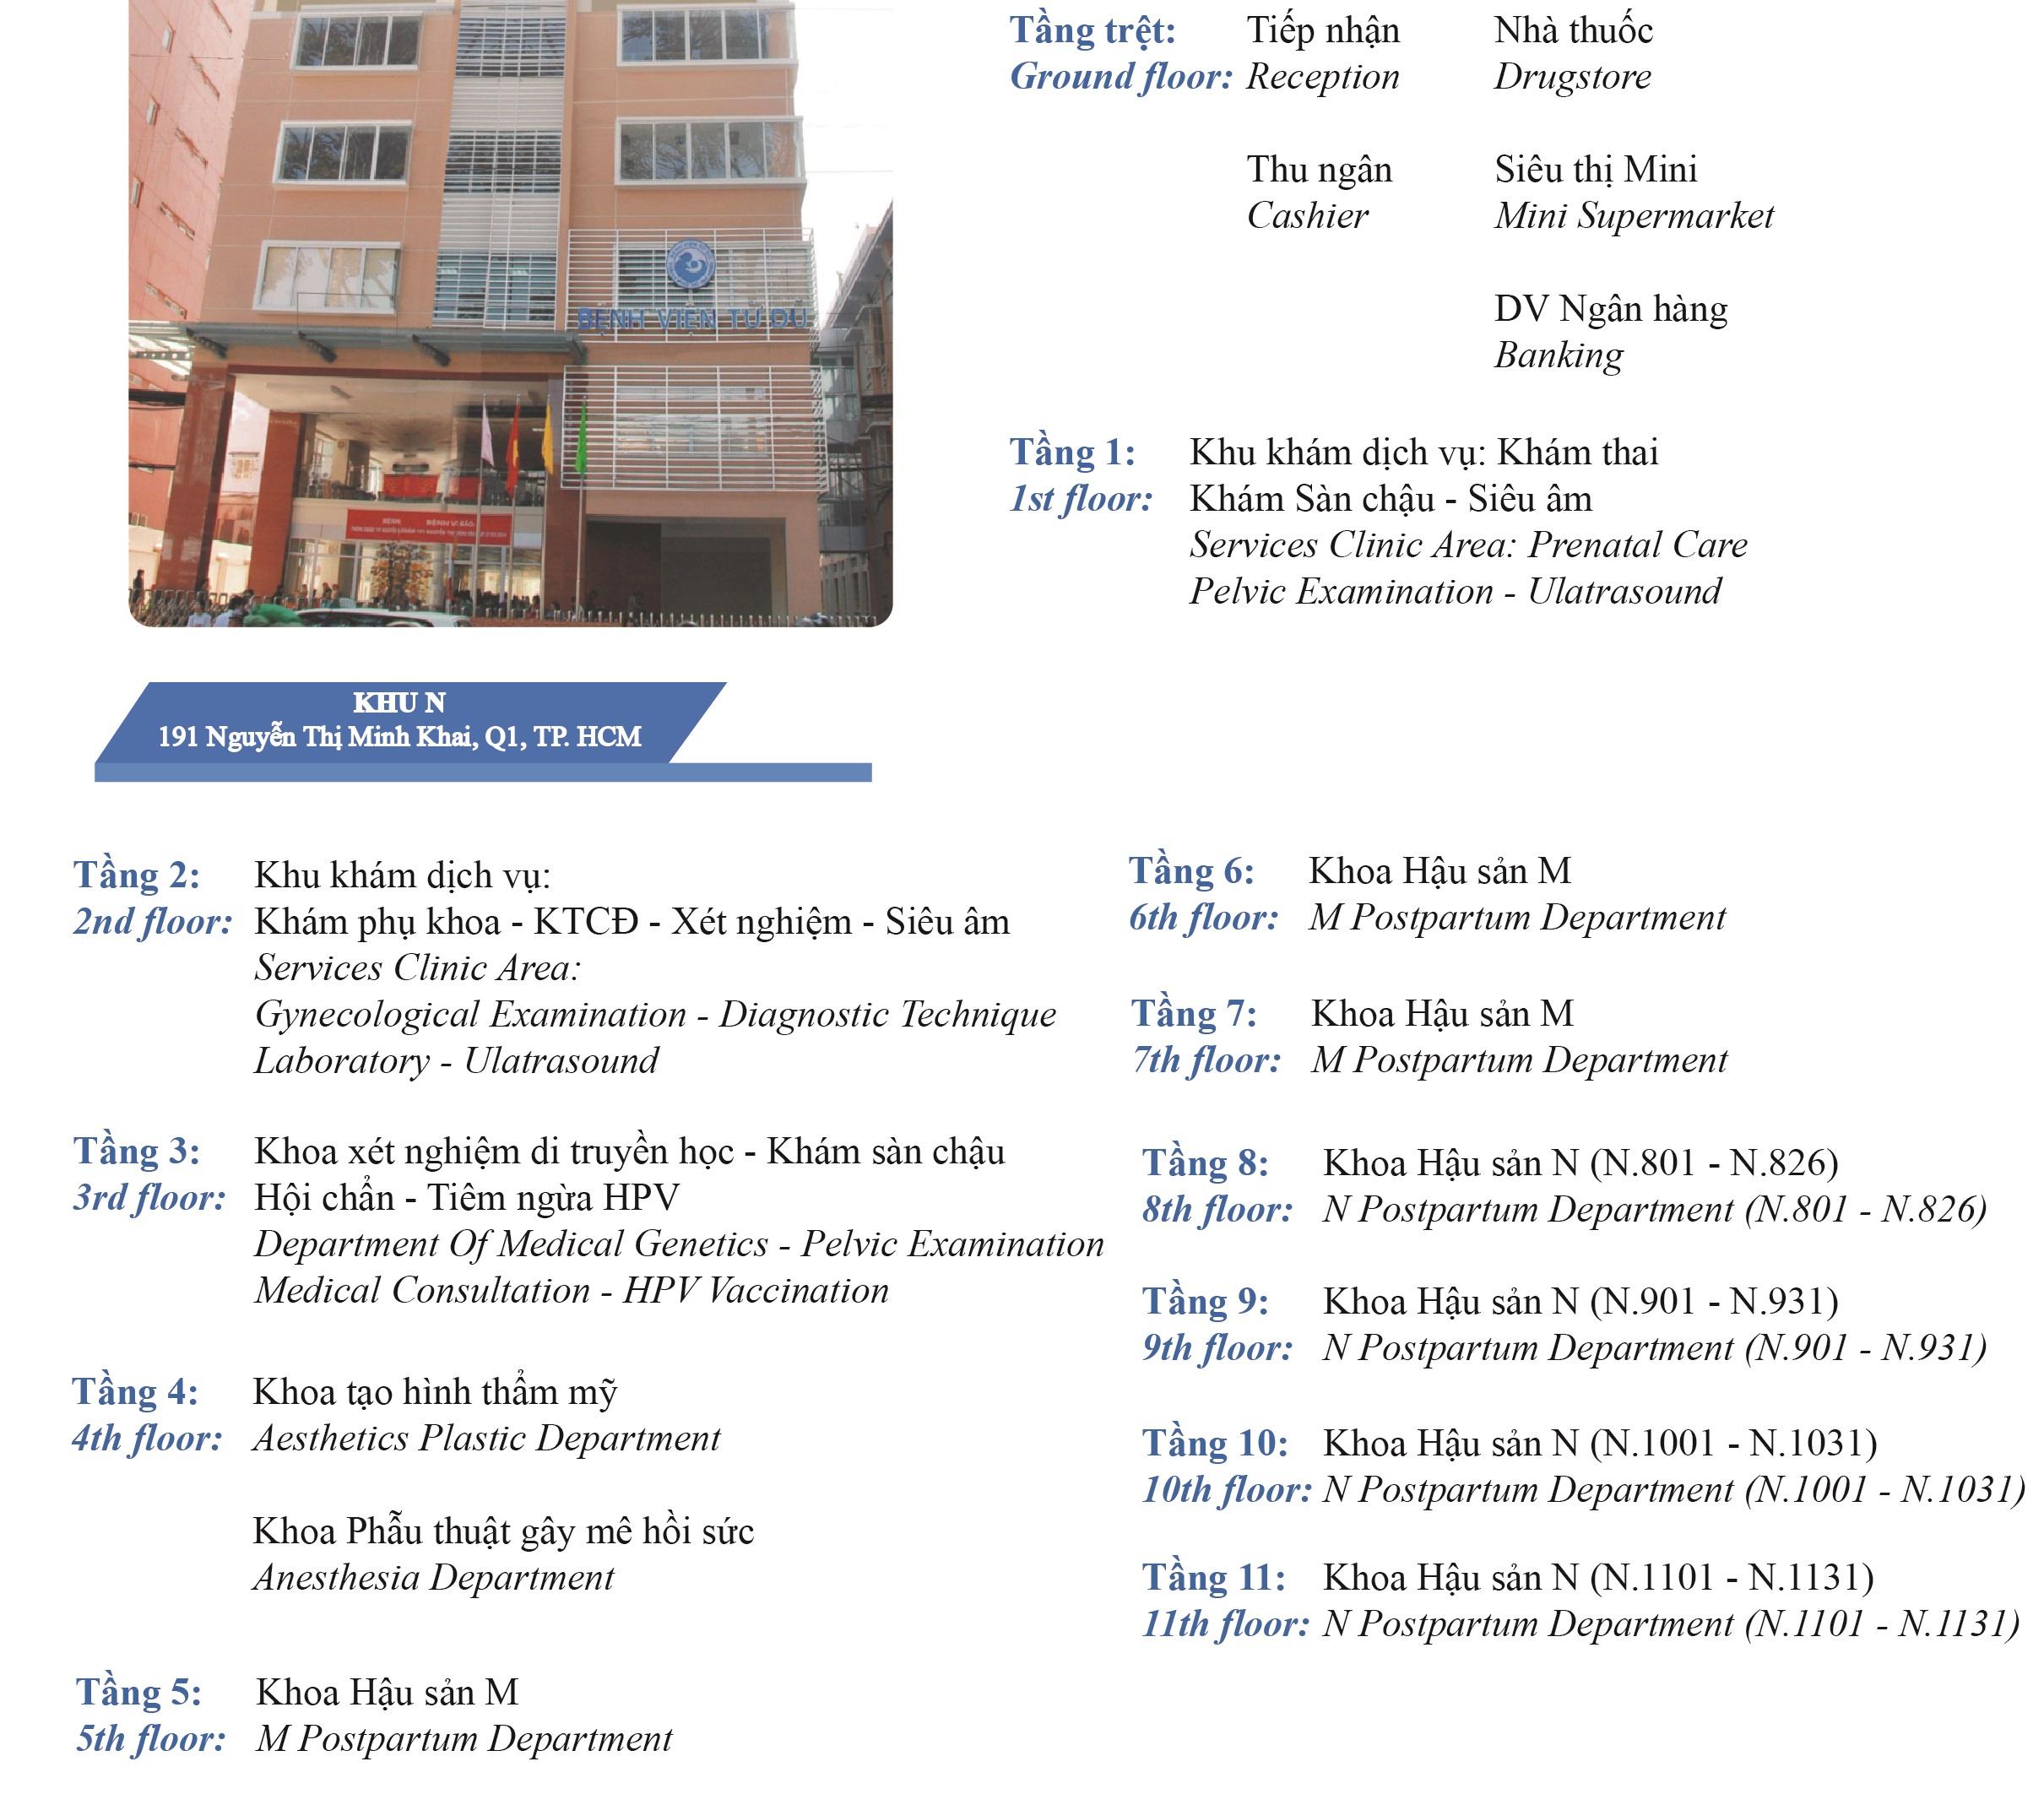 sơ đồ bệnh viện Từ Dũ